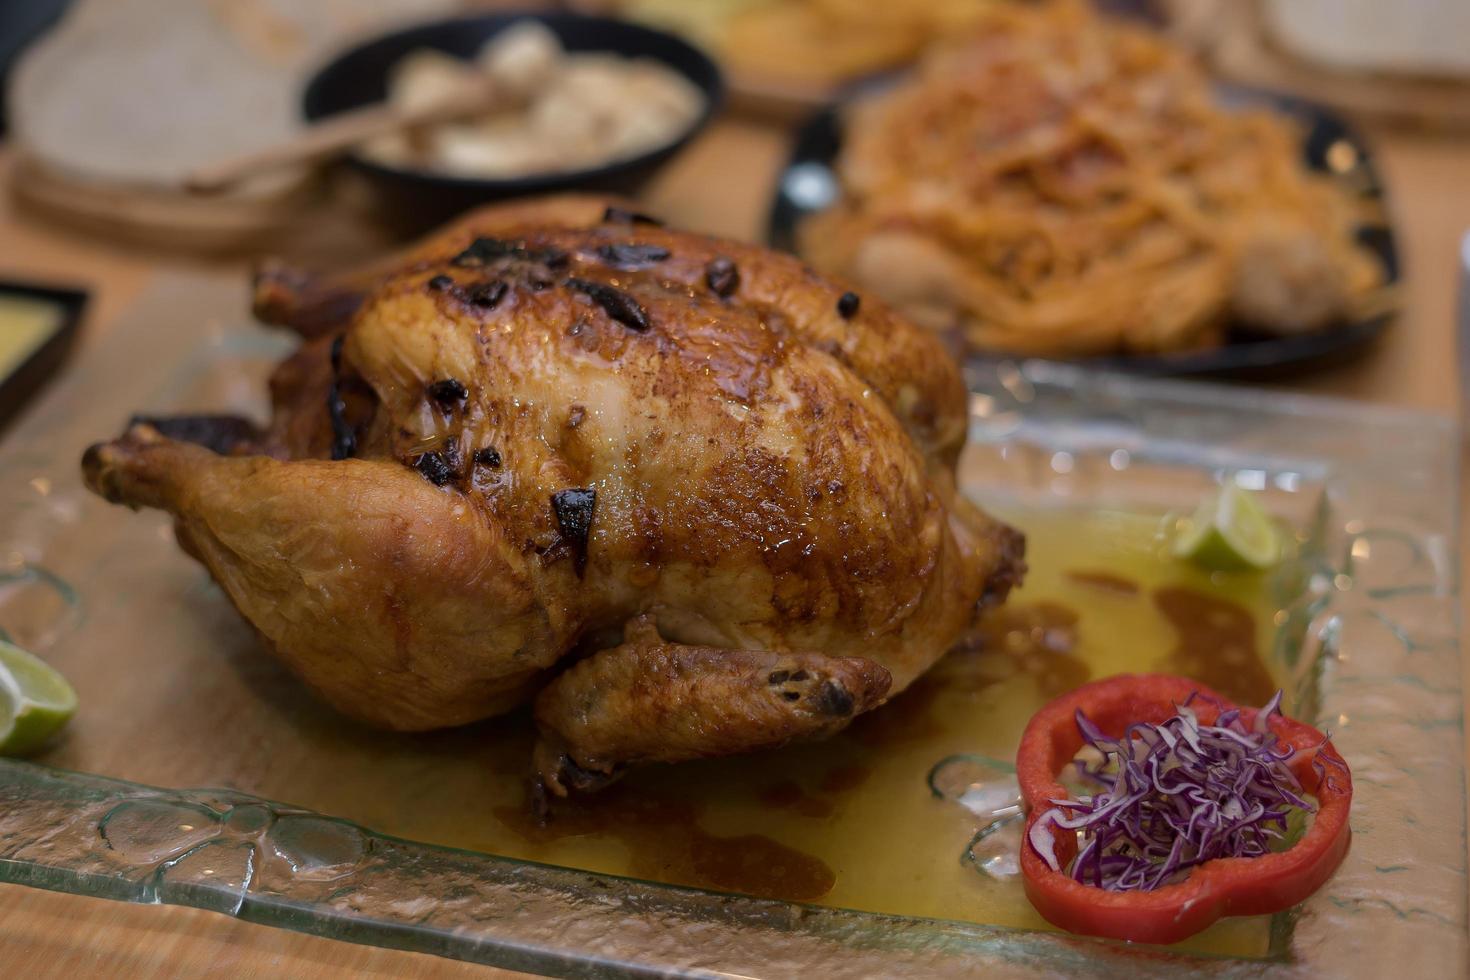 gebackenes ganzes Huhn auf einem Teller foto